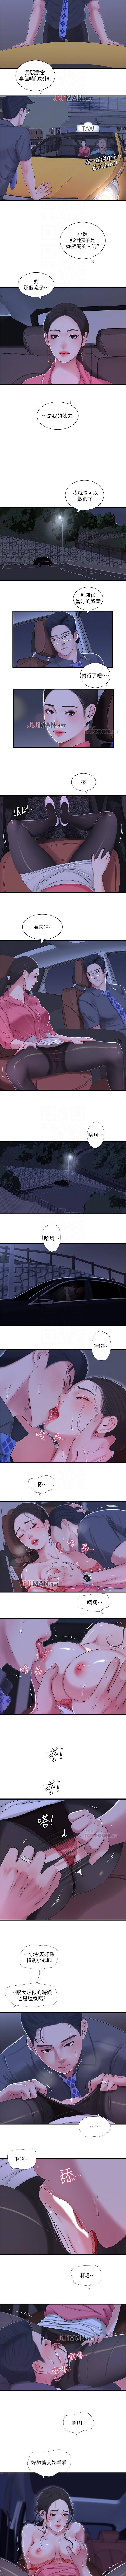 【周四连载】亲家四姐妹(作者:愛摸) 第1~37话 139